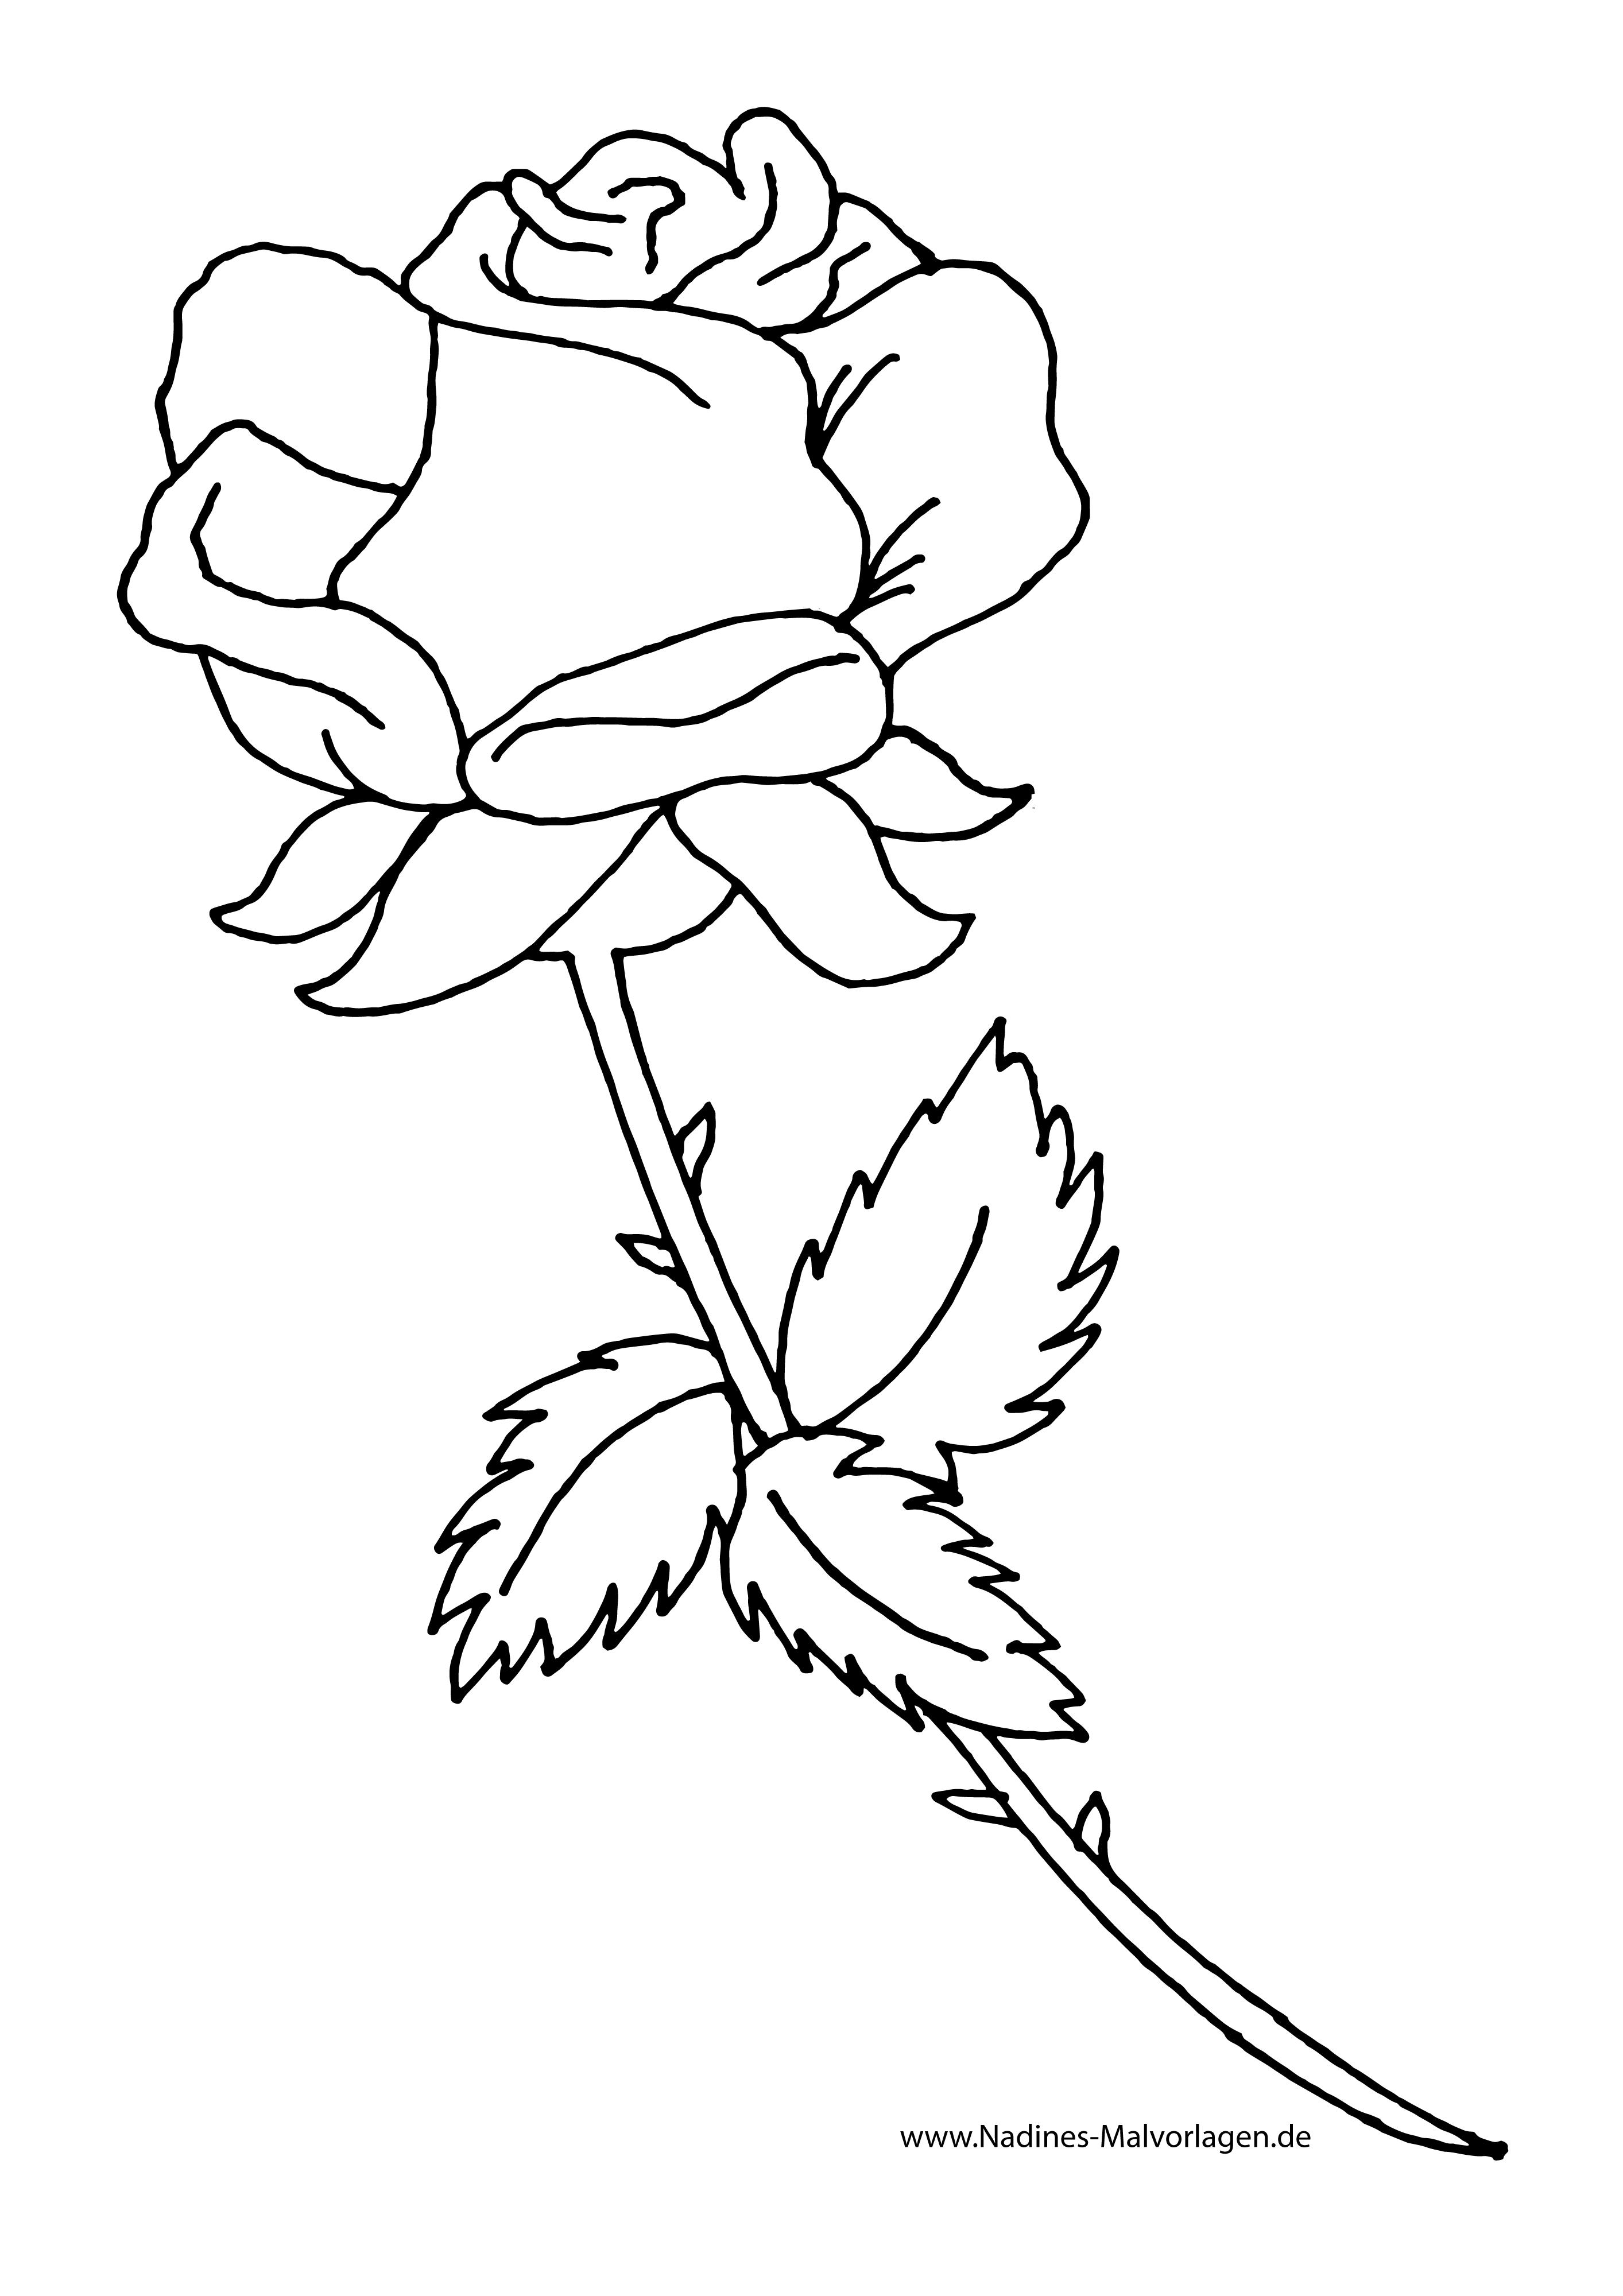 Rose Zum Ausmalen Neu Rote Rose Zum Selbst Ausmalen Nadines Ausmalbilder Ausmalbilder Rosen Zeichnen Ausmalen